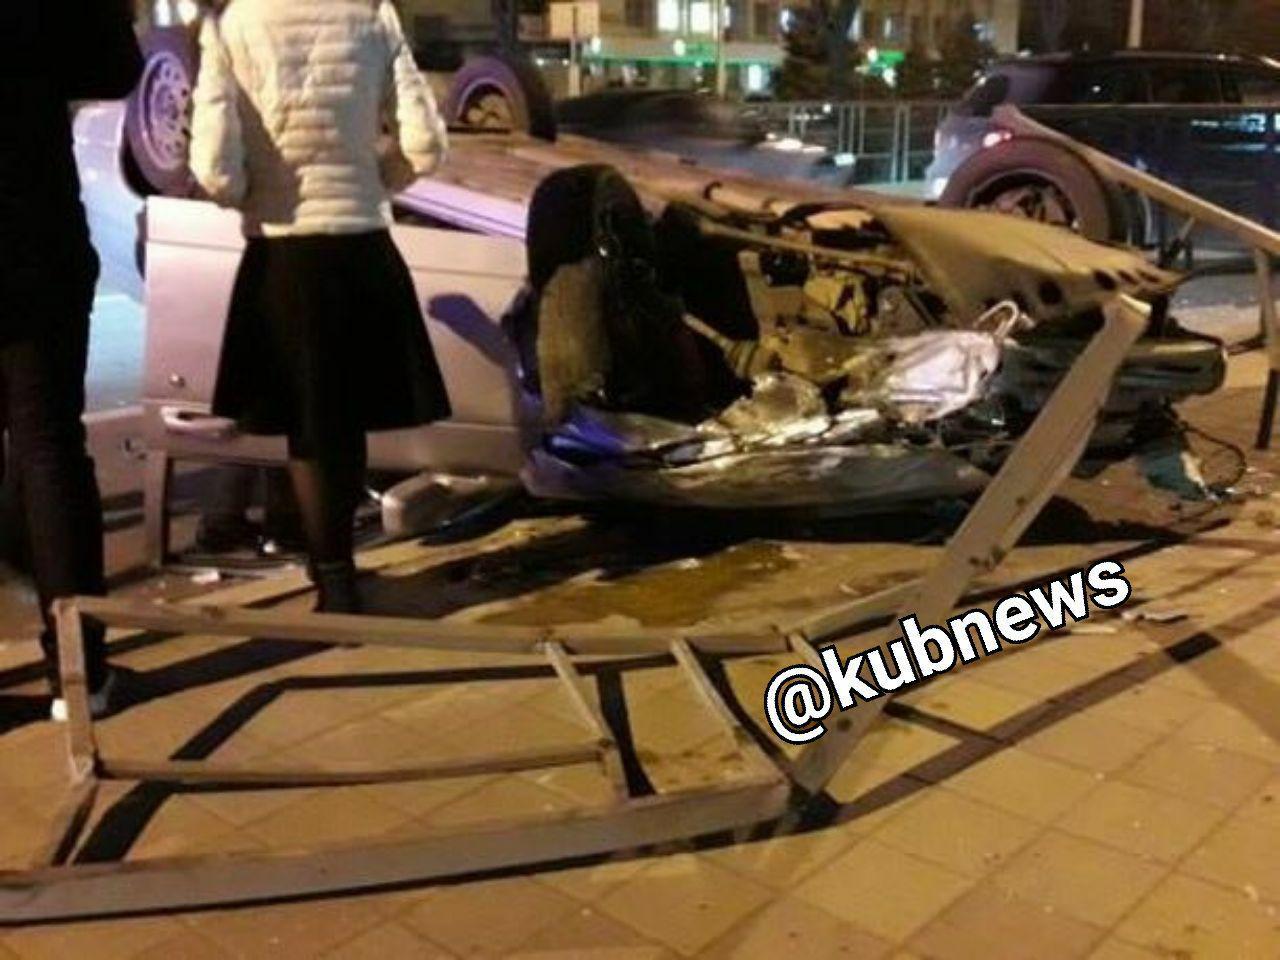 ВКраснодаре шофёр легковушки устроил массовое ДТП ипопытался убежать